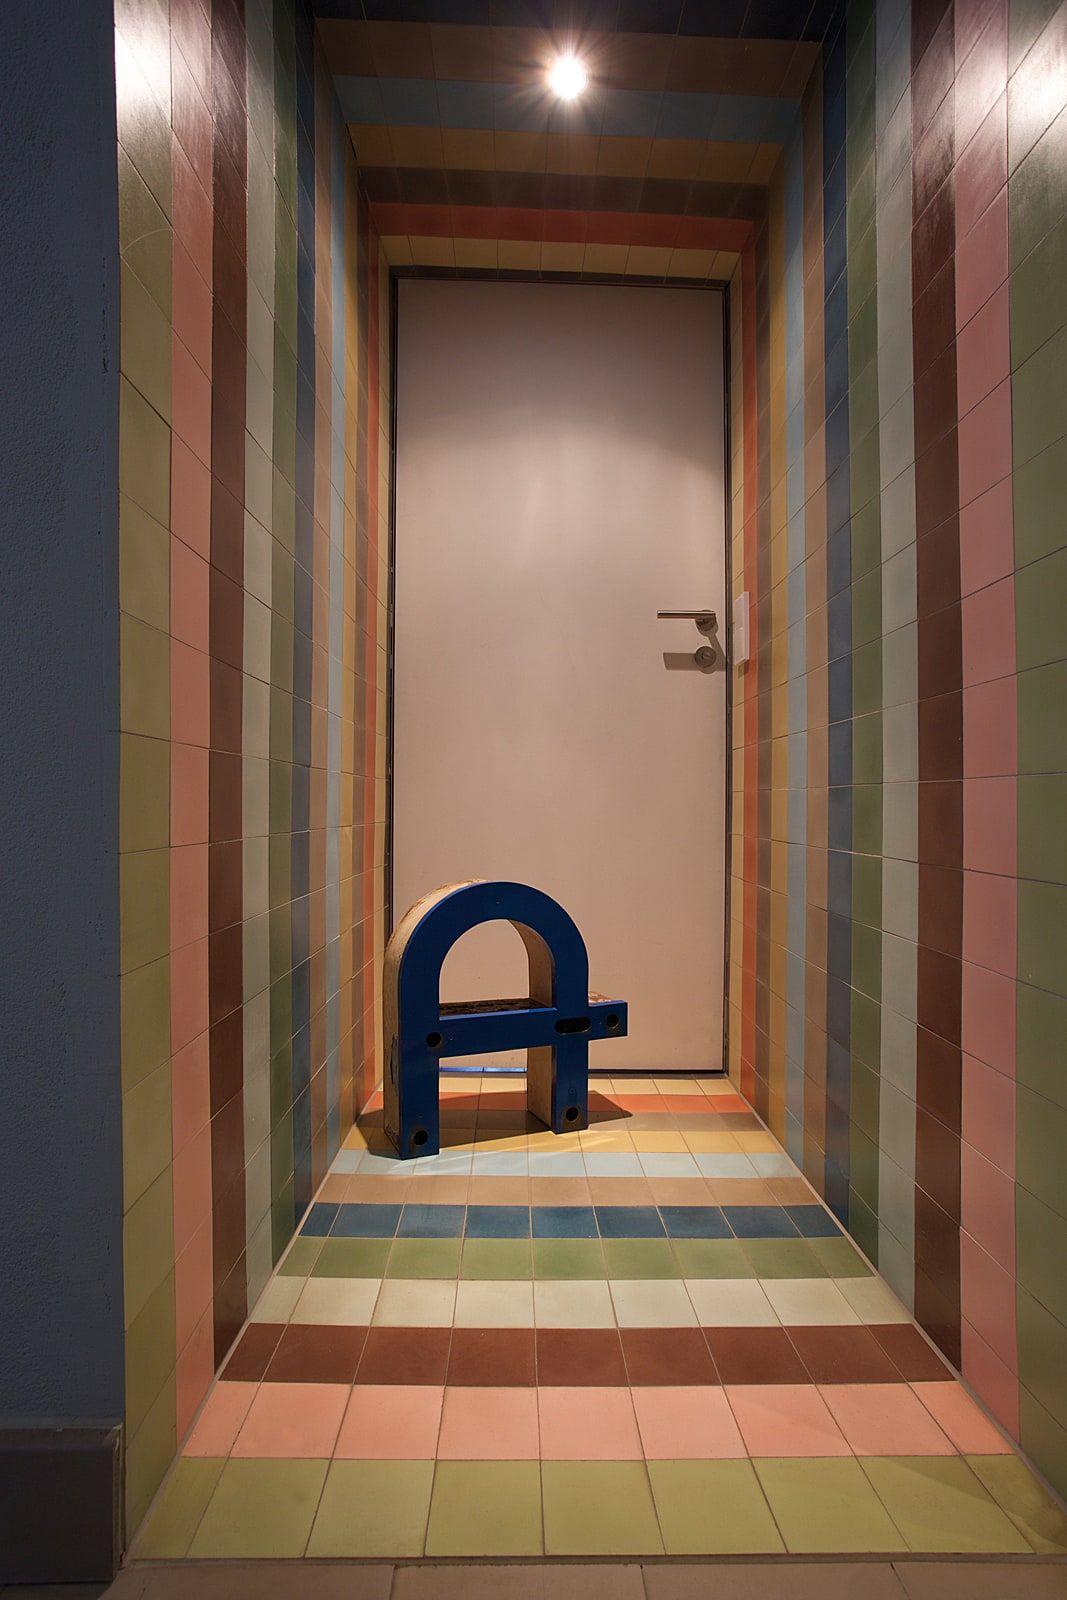 Via Zementfliesen Im Format 10x10 Cm Als Boden Wand Und Deckenplatte Zementfliesen Fliesen Und Zement